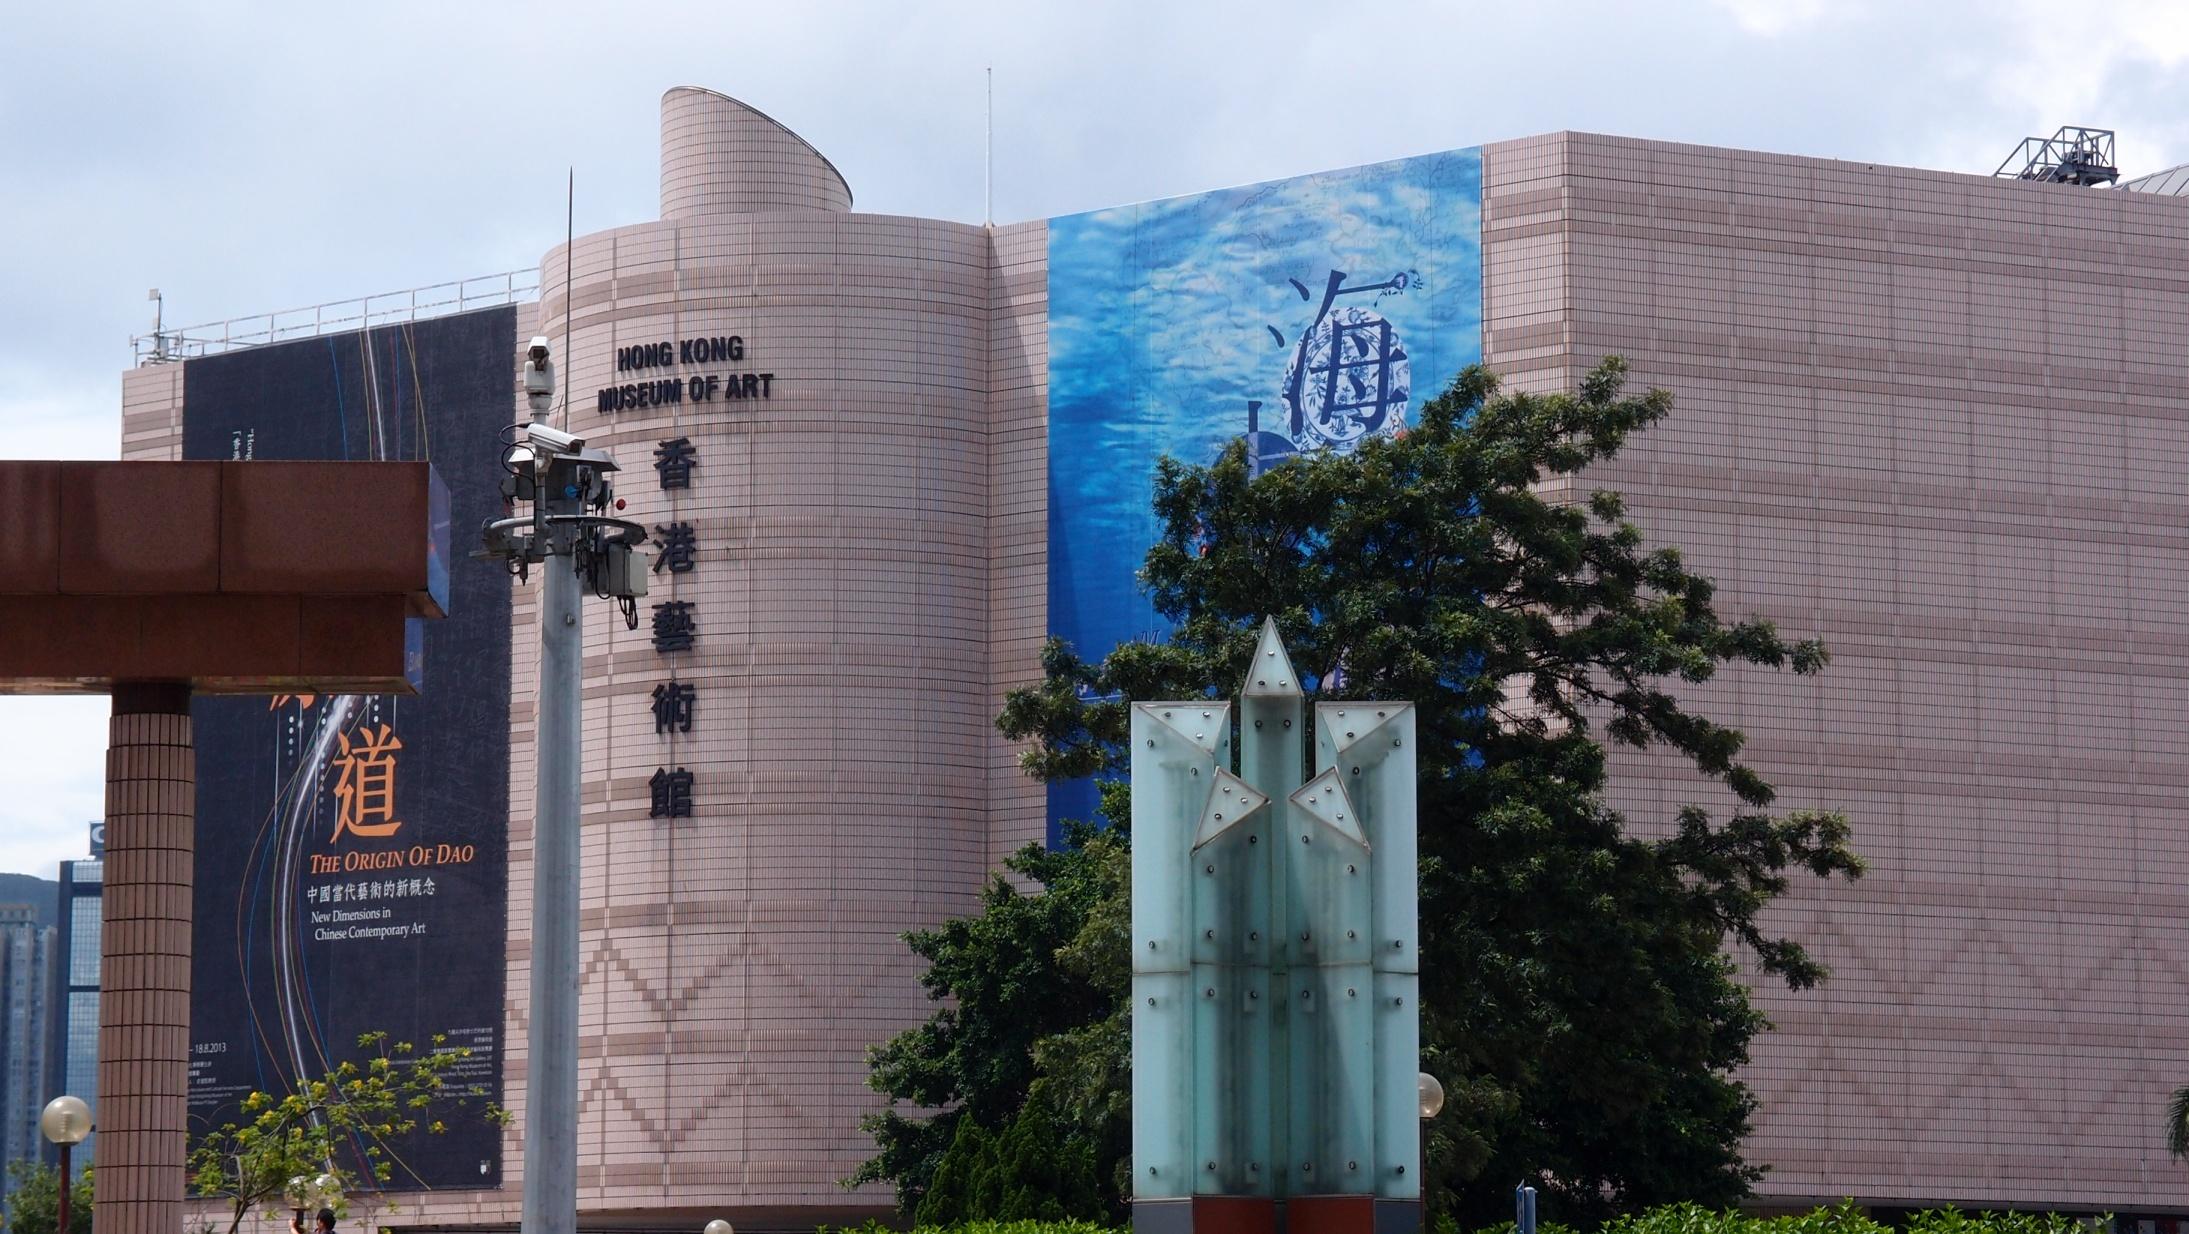 The Hong Kong Museum of Art